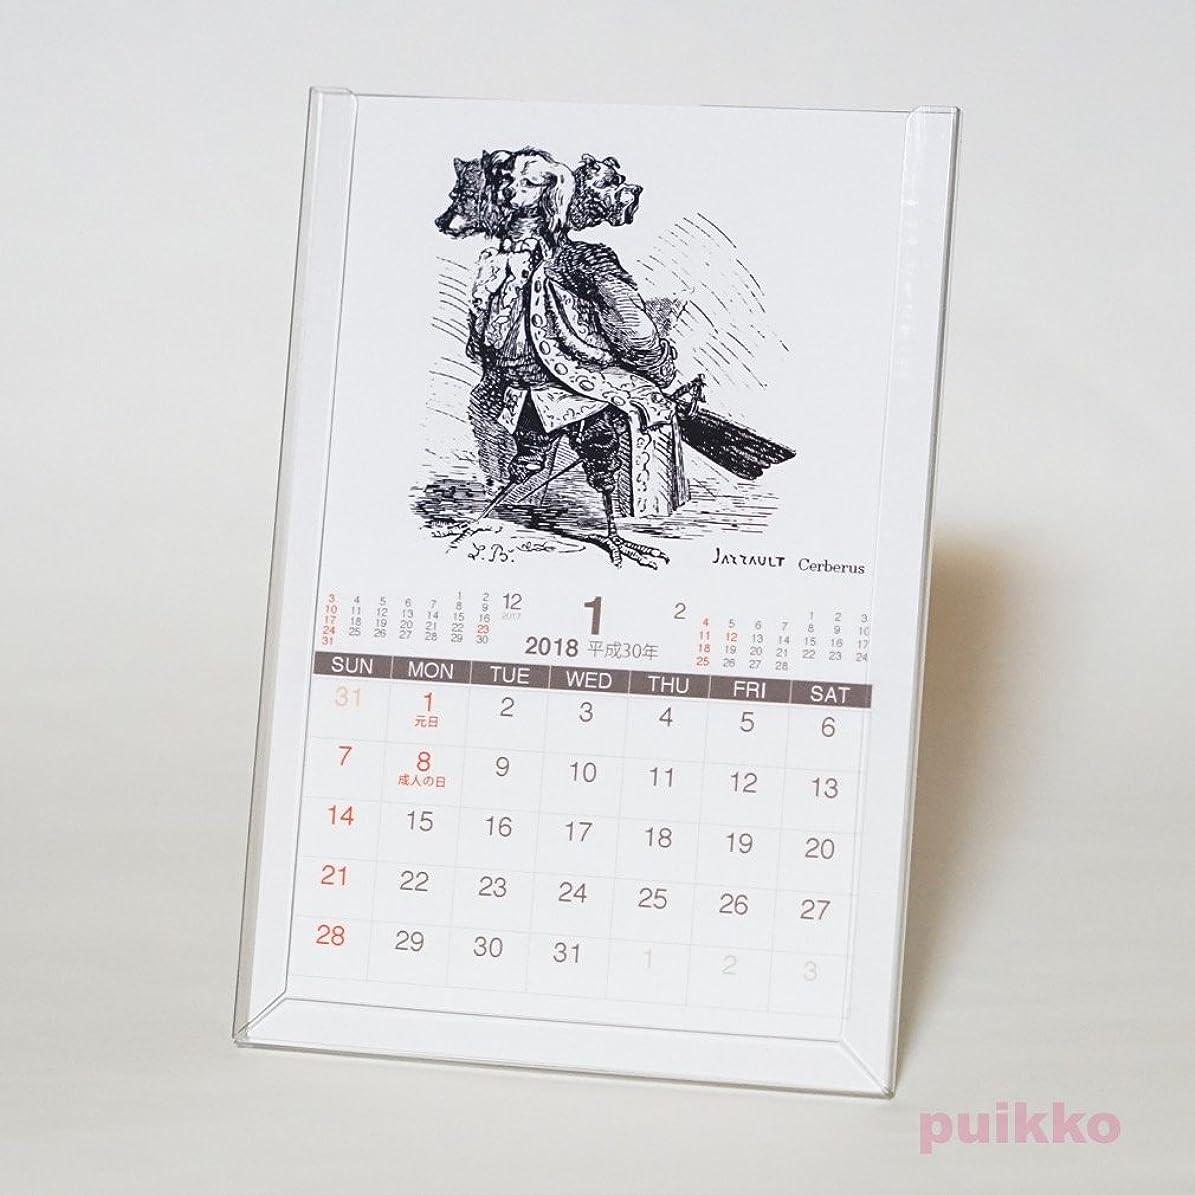 リレー舗装精巧な「地獄の辞典」悪魔イラスト カレンダー 2018(前月次月入り)